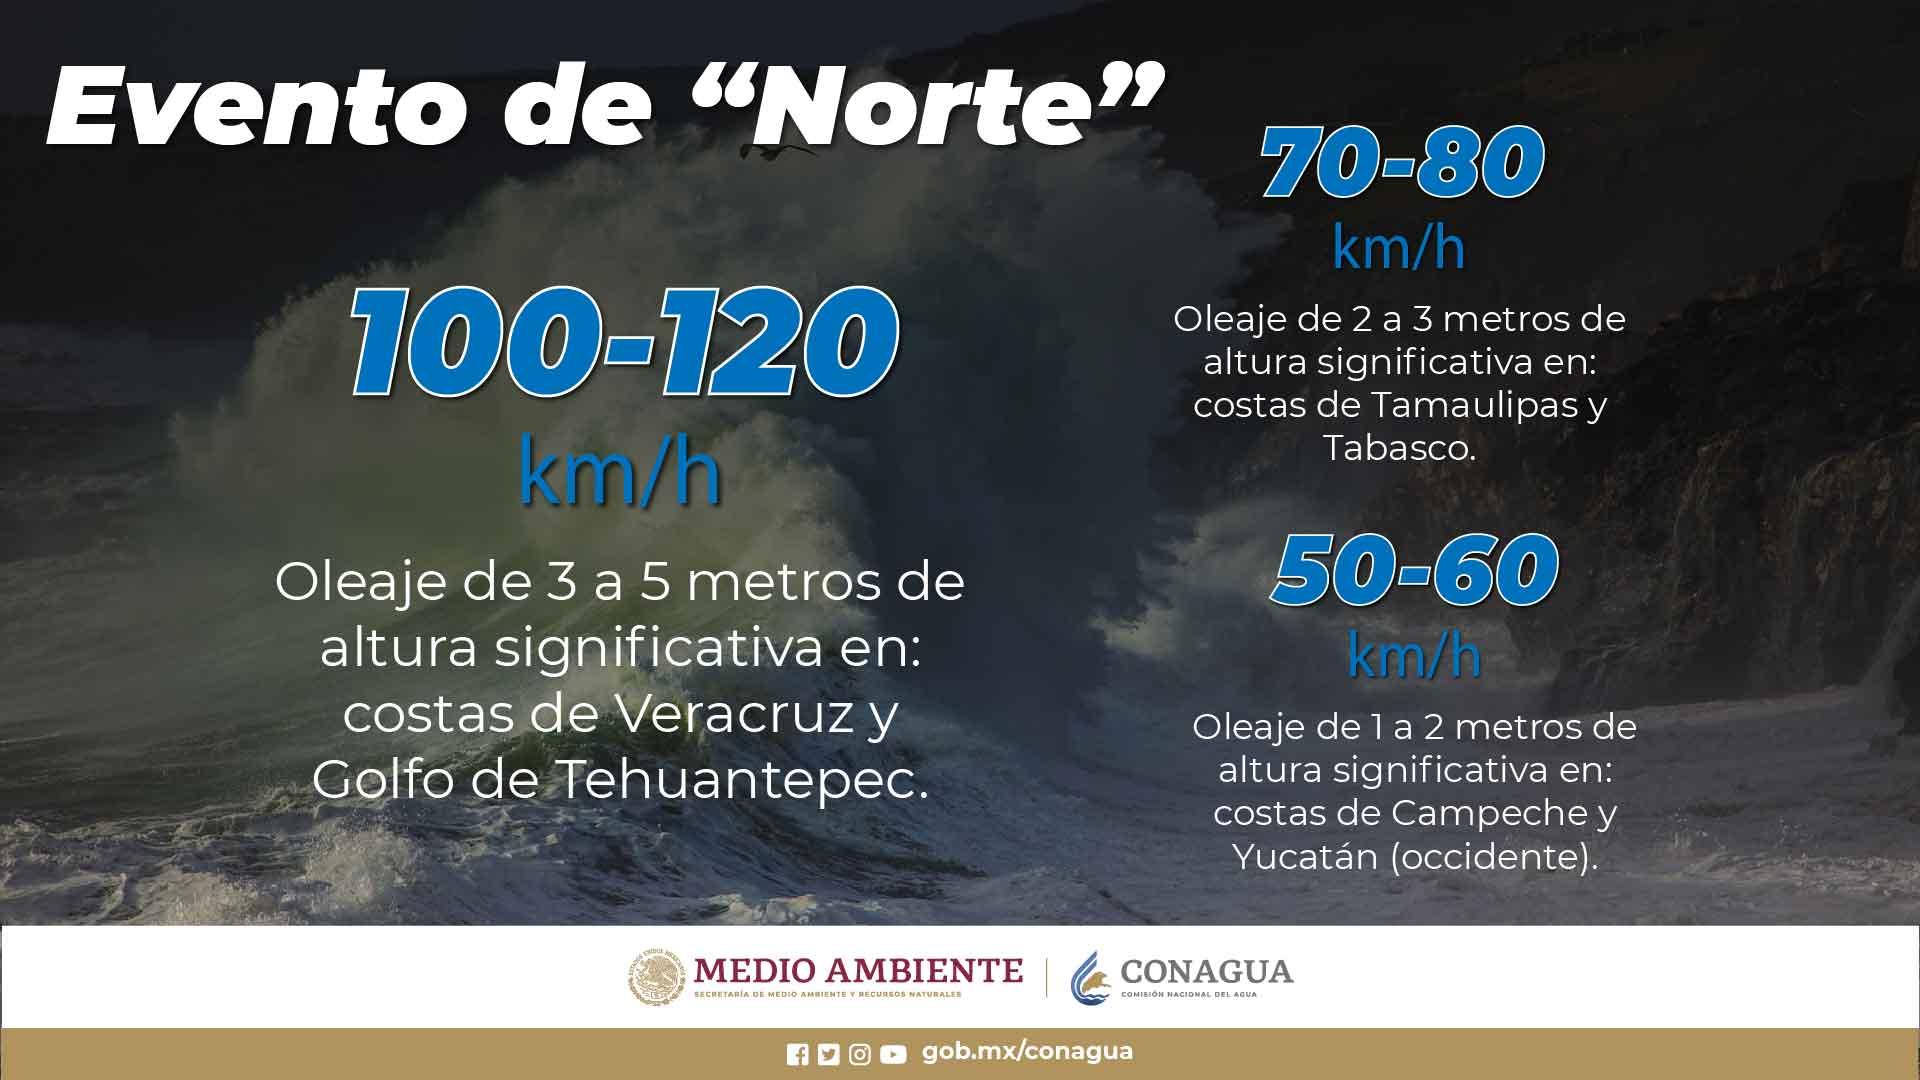 Se prevén lluvias extraordinarias en Chiapas, Tabasco y Veracruz, y torrenciales en Oaxaca, debido al Frente Frío No. 4